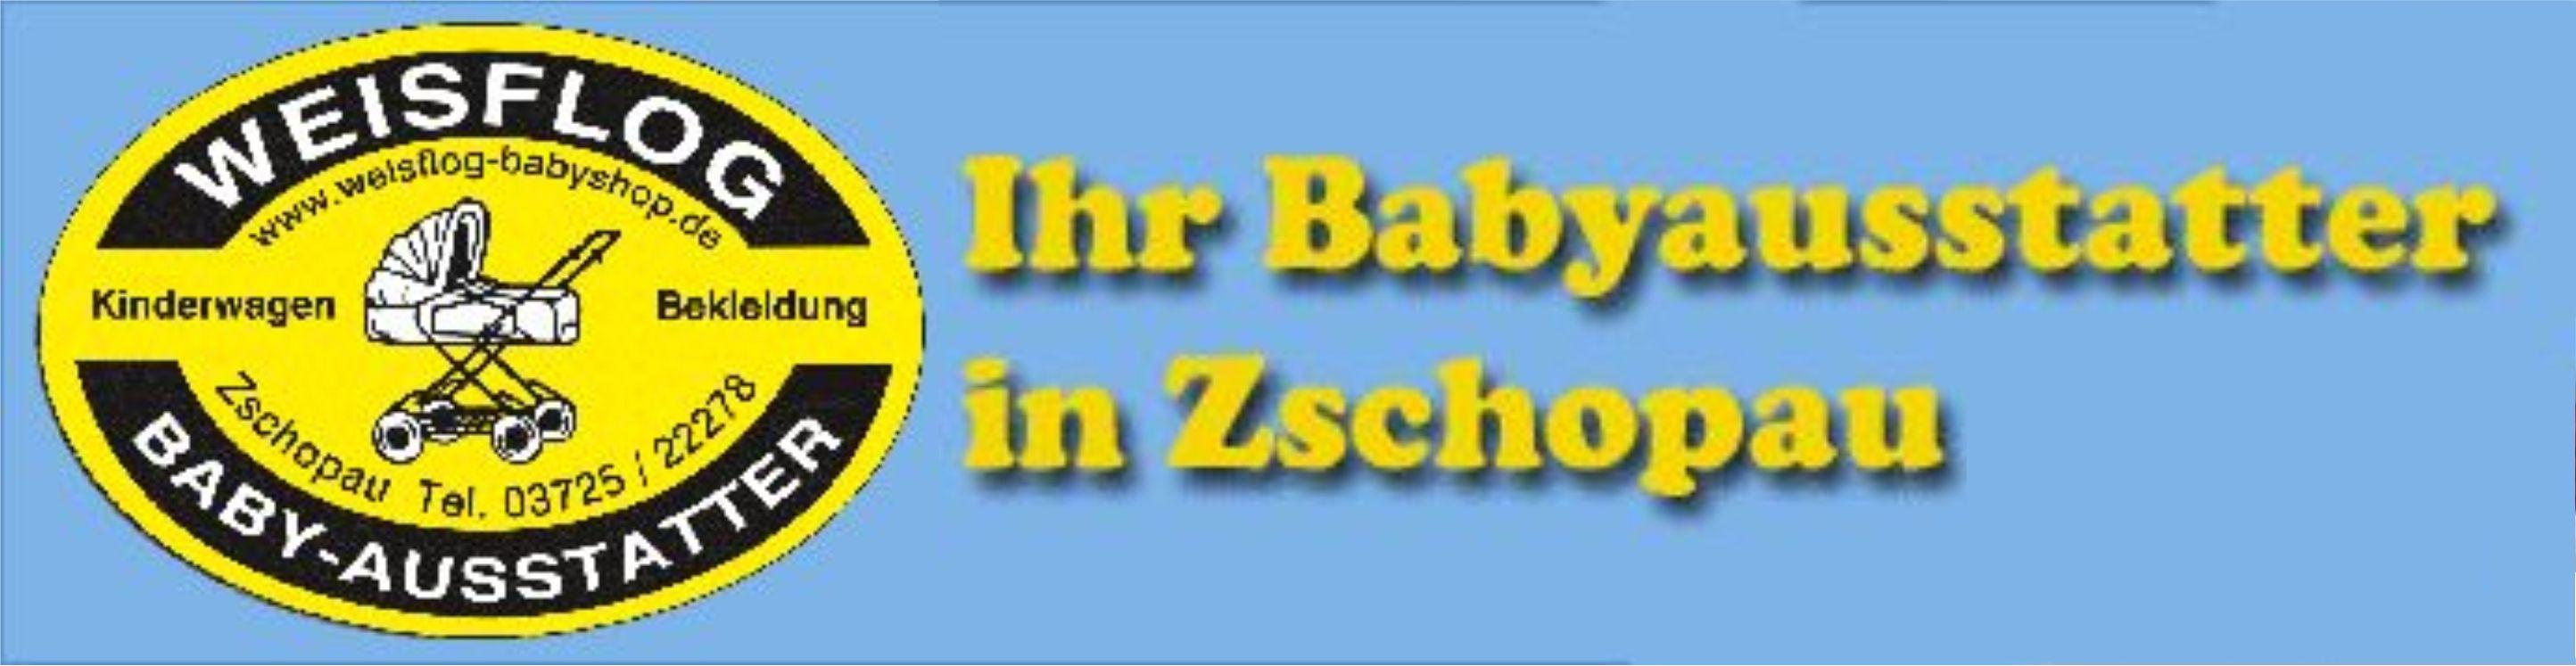 Weisflog-Babyshop-Logo